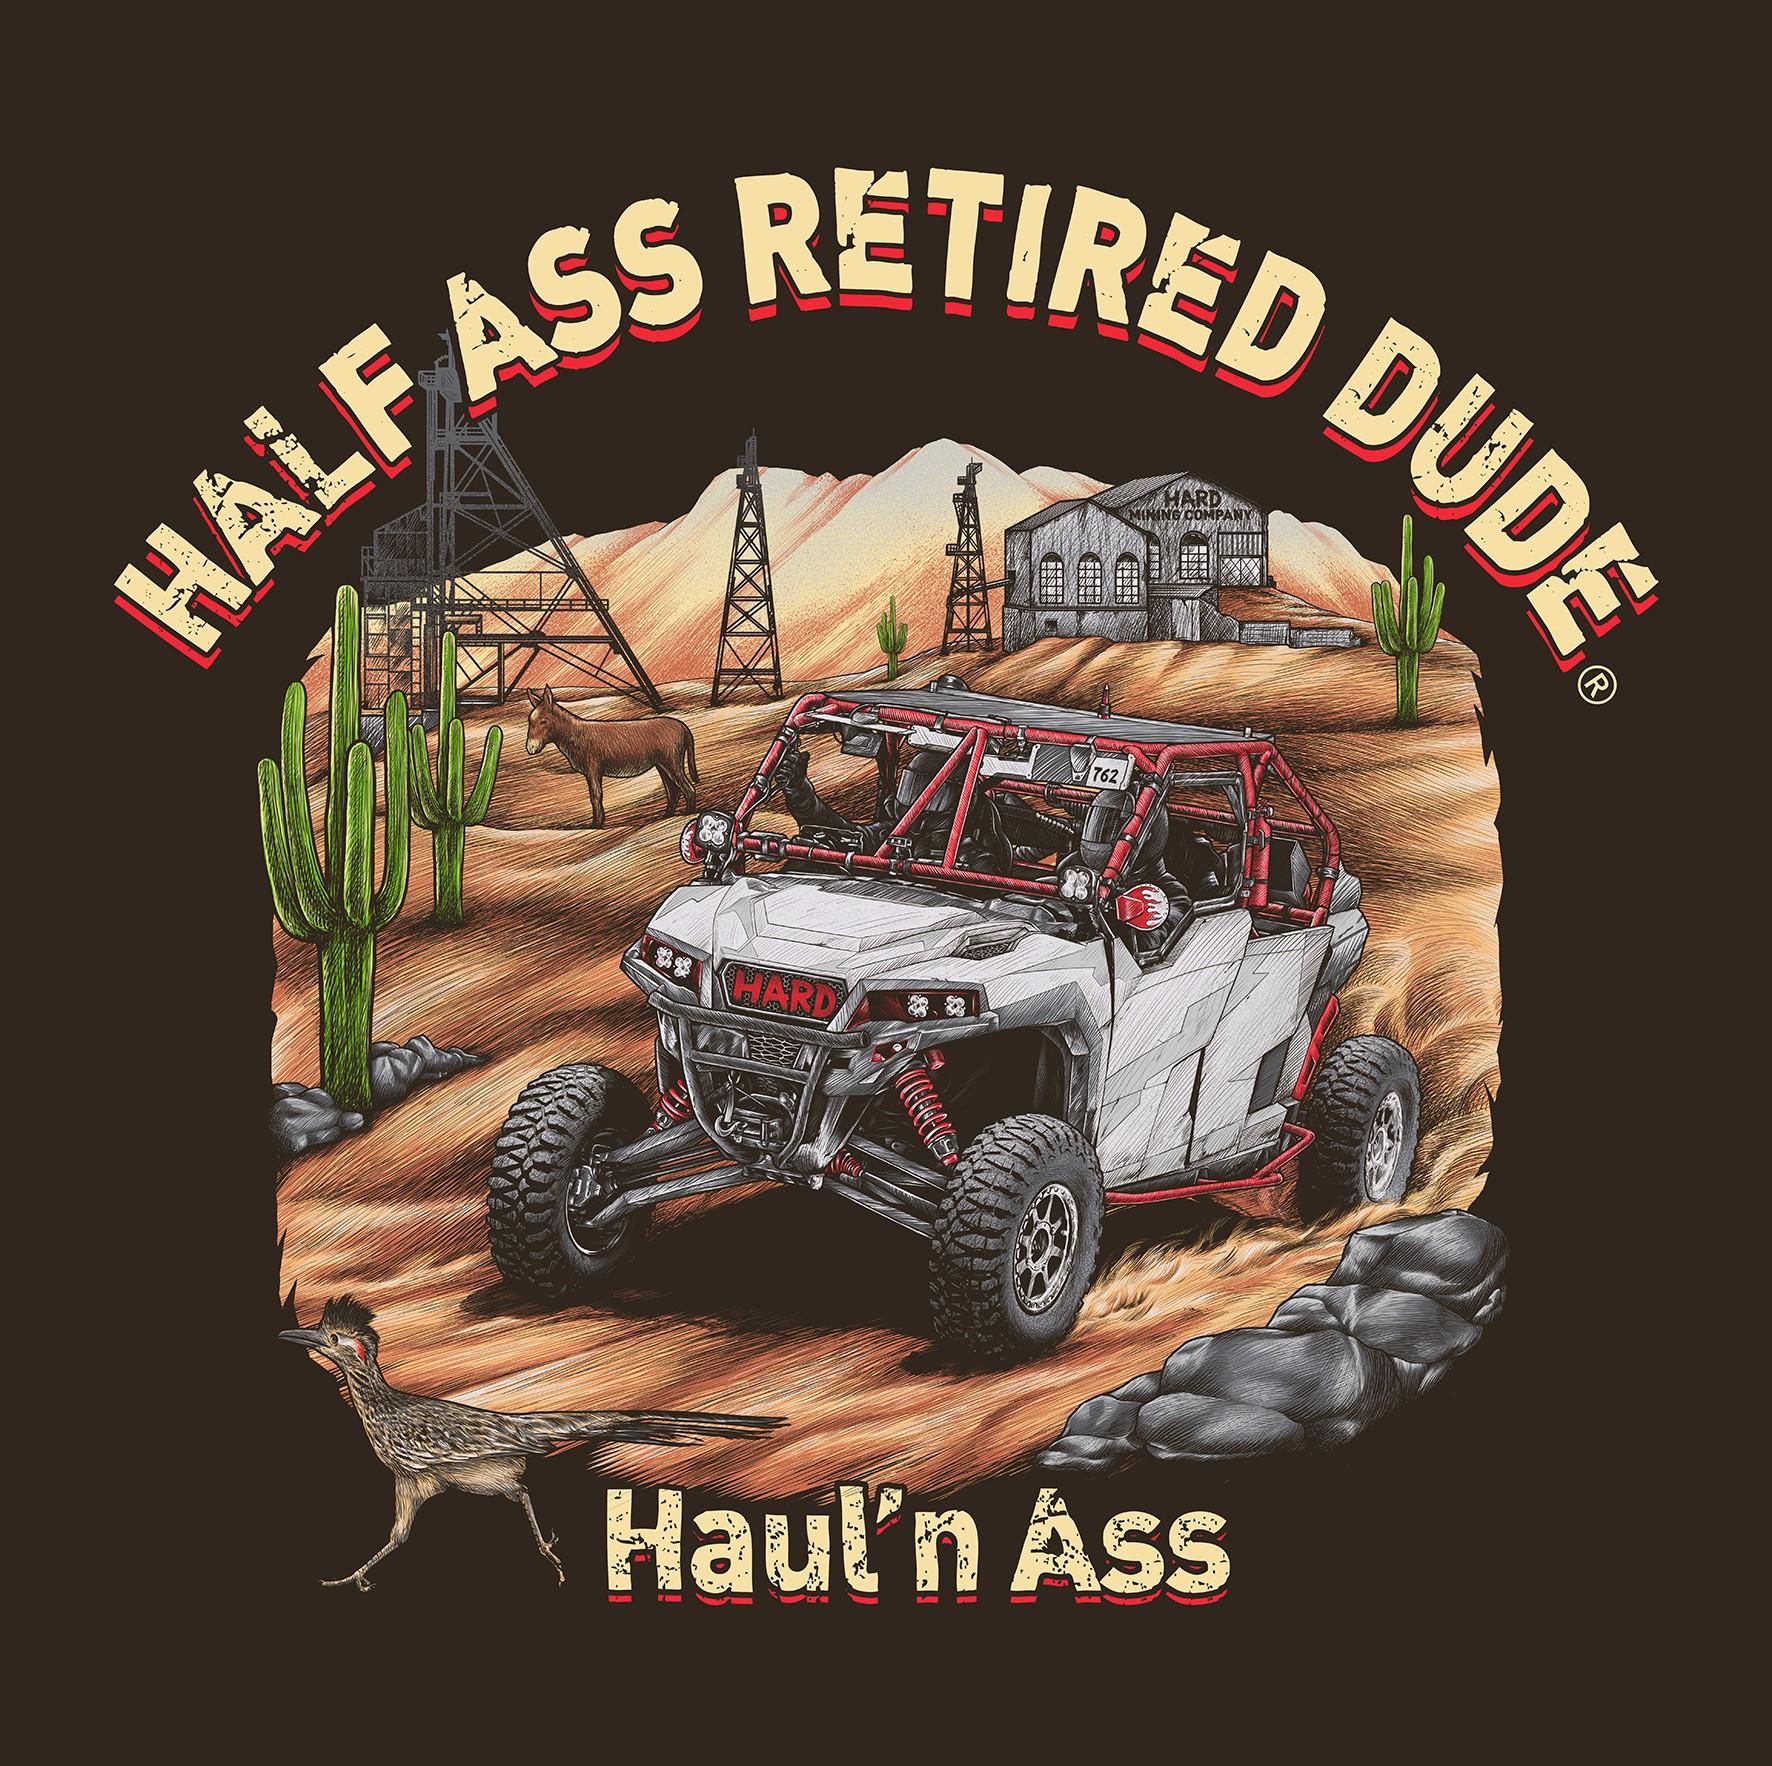 Half Ass Retired Dude  ( haul n ass )